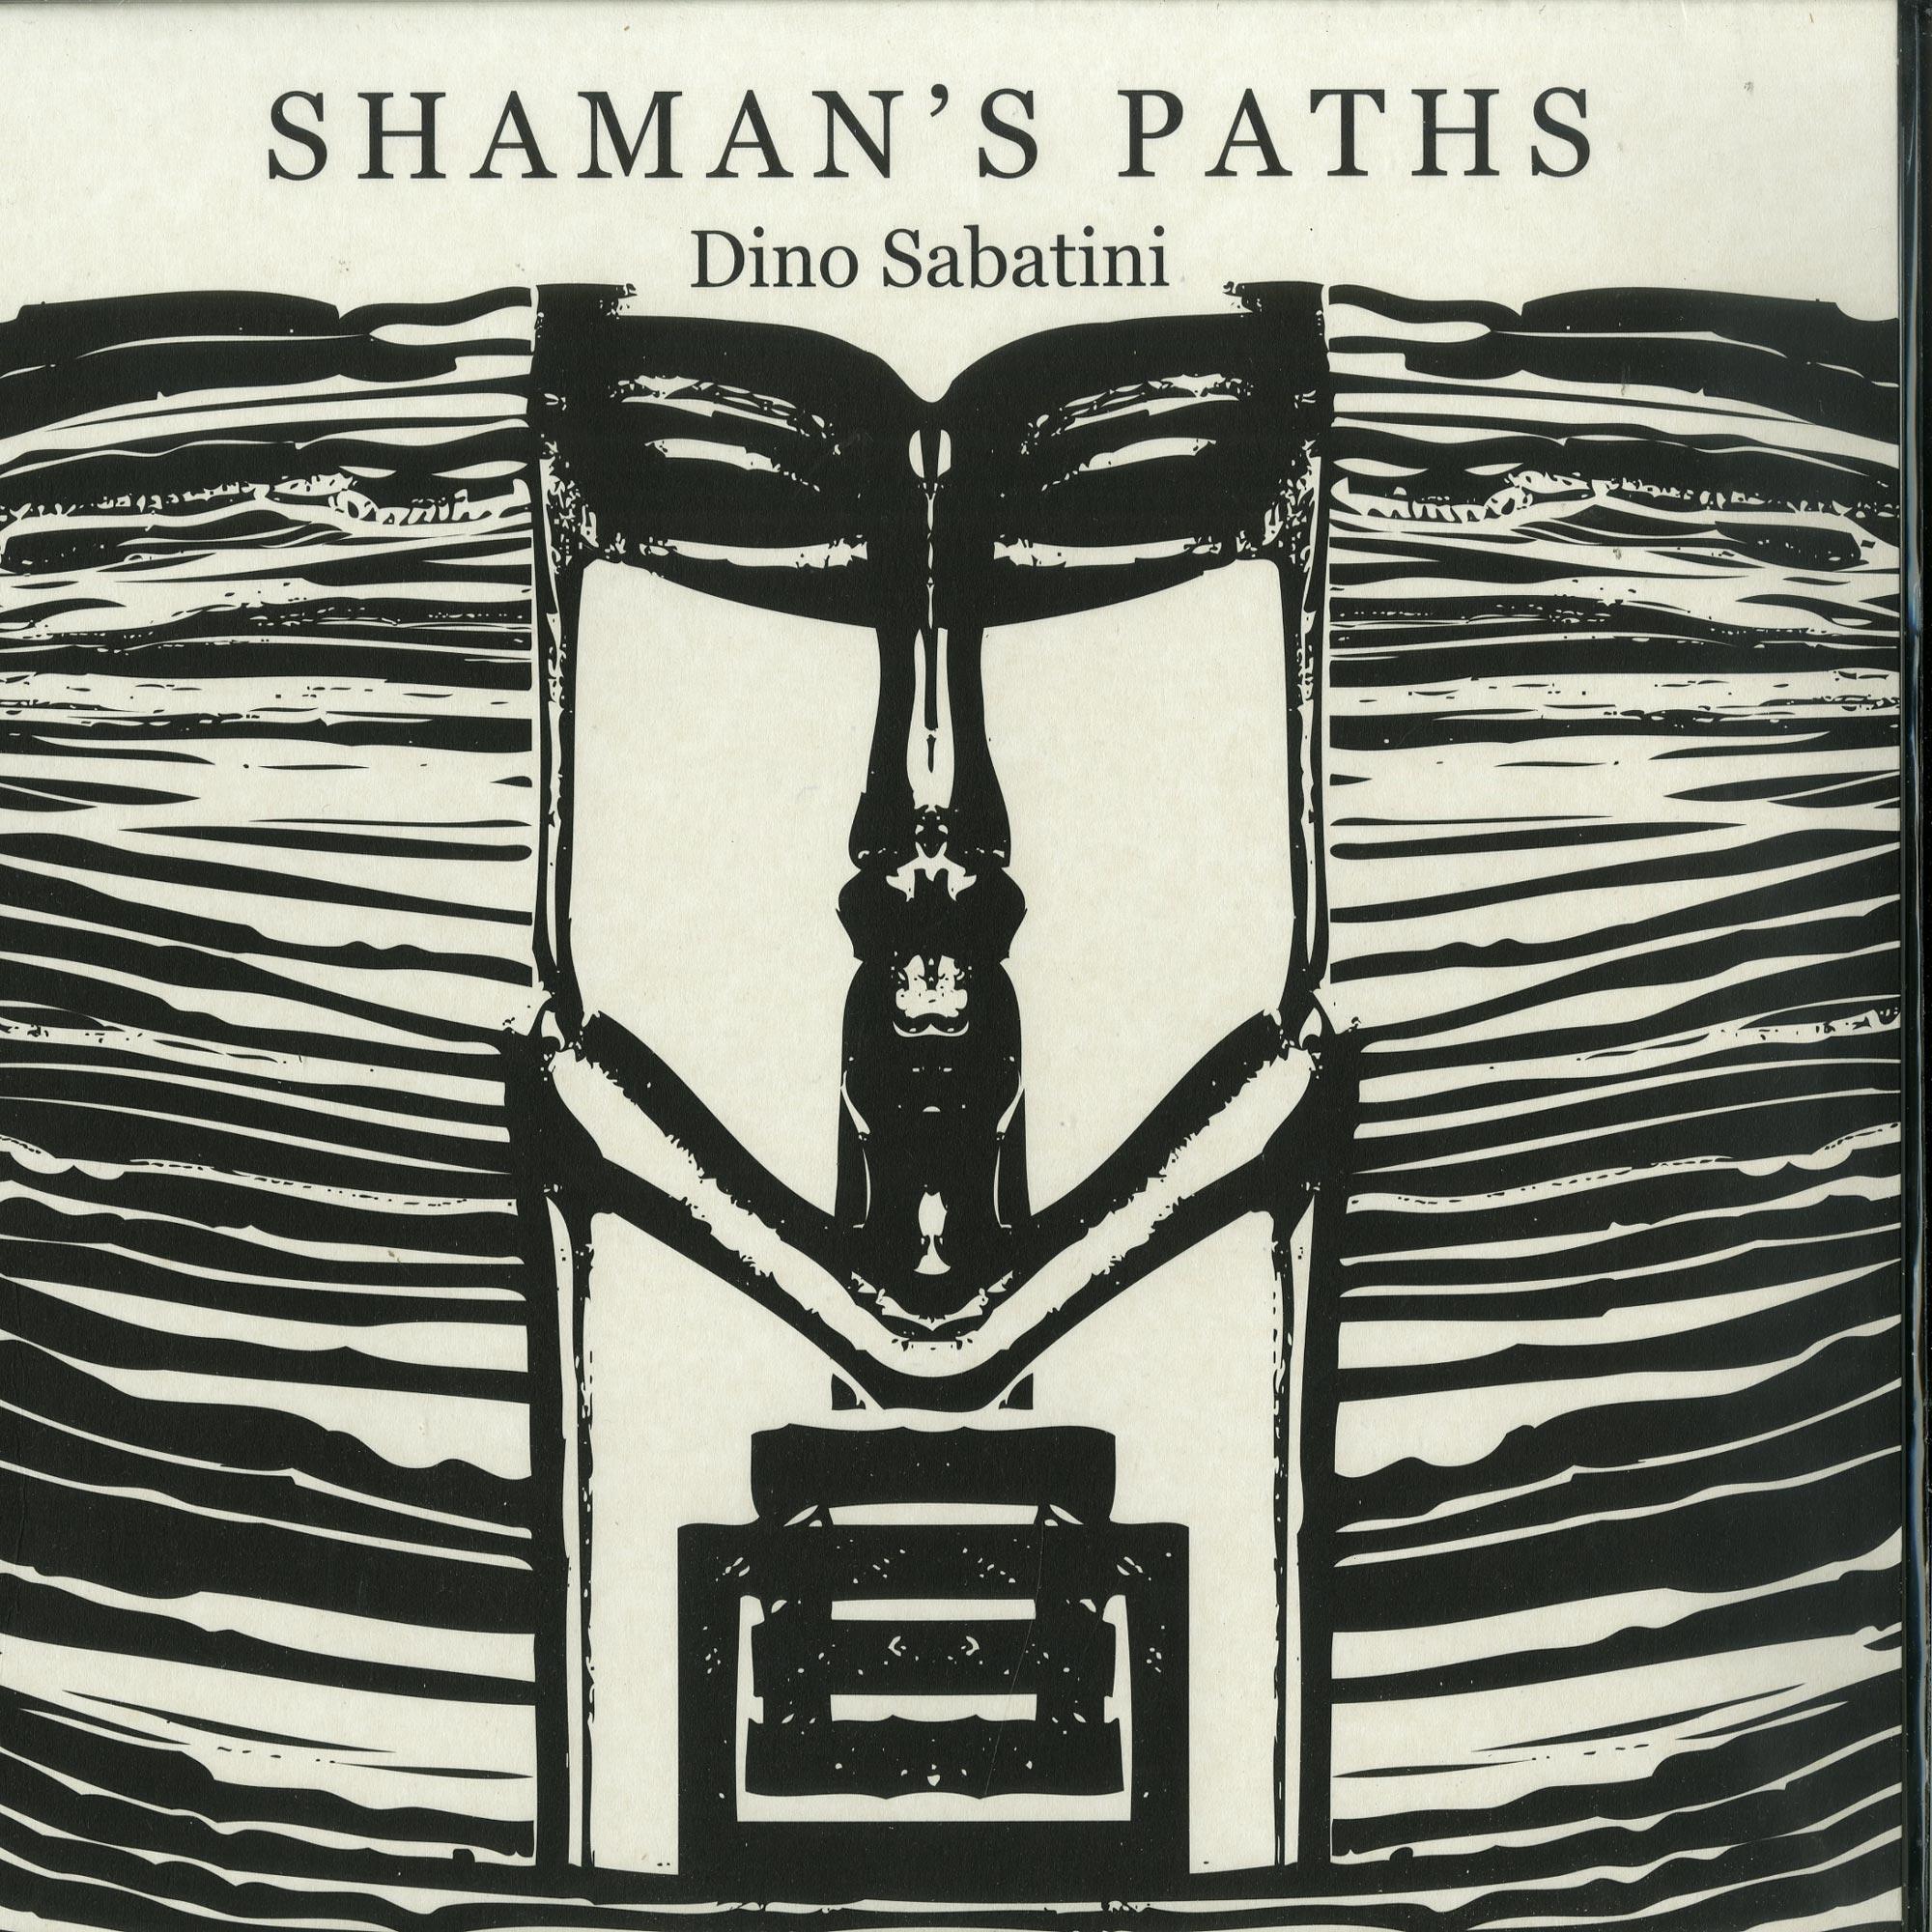 Dino Sabatini - SHAMANS PATHS